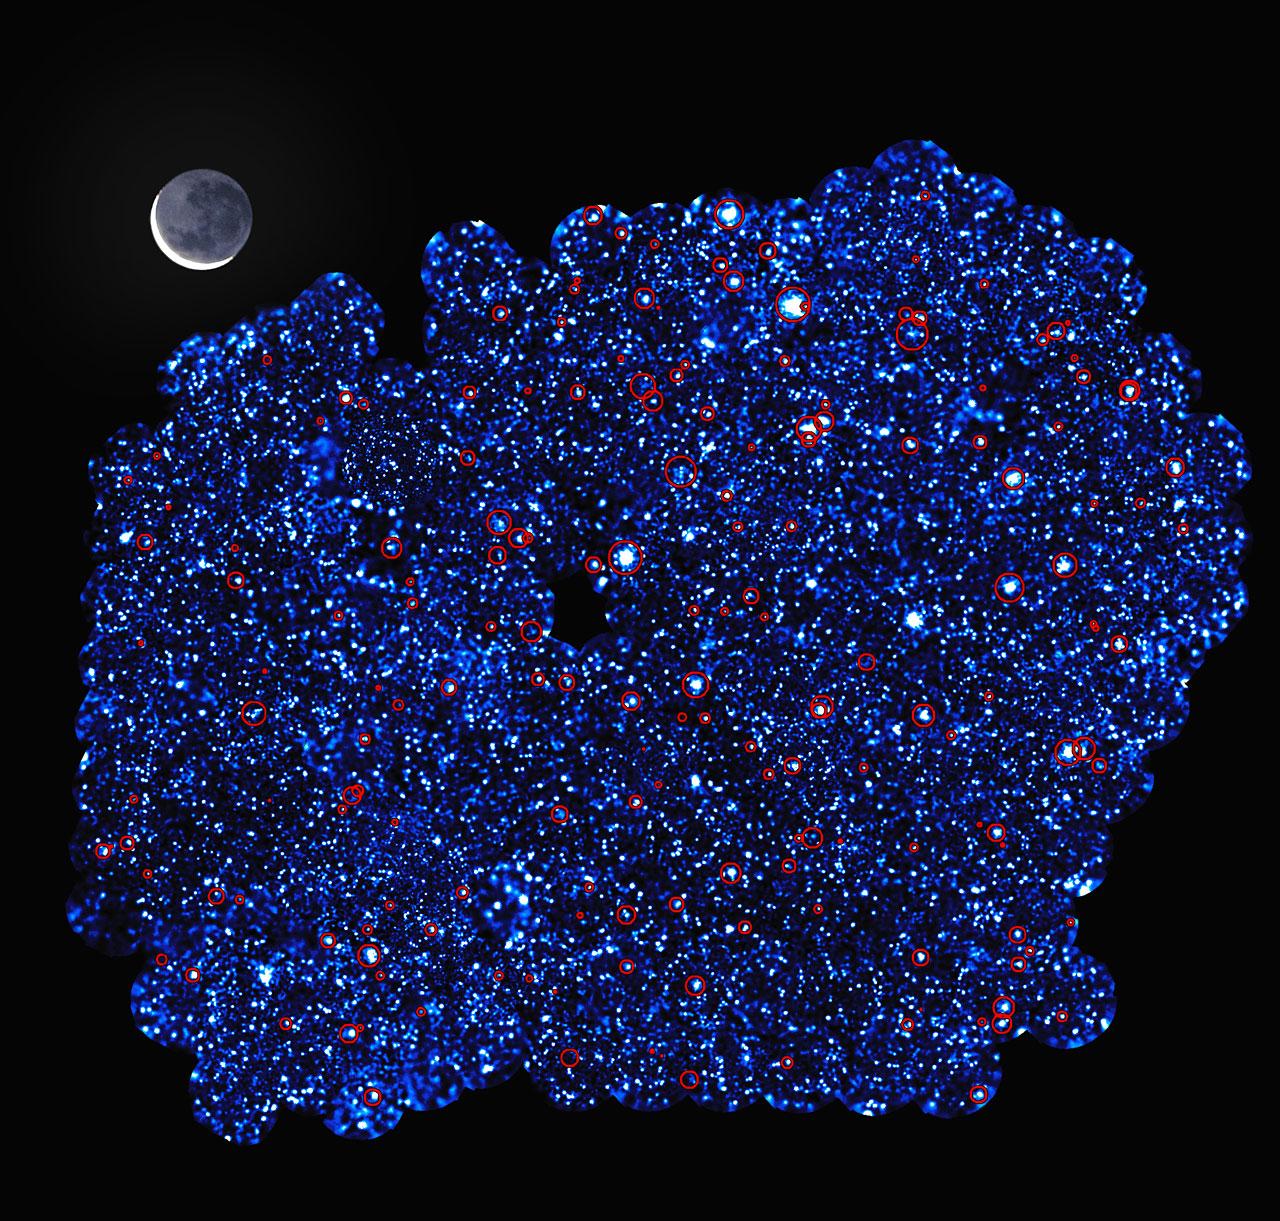 Esta imagen muestra el área sur XXL (o XXL-S, por sus siglas en inglés), uno de los campos observados por el sondeo XXL. El sondeo XXL es una de las mayores búsquedas jamás emprendidas de cúmulos de galaxias y proporciona, por lejos, la mejor vista del cielo profundo de rayos X que se haya logrado hasta la fecha. Los círculos rojos de esta imagen muestran los cúmulos de galaxias detectados en el sondeo.  En conjunto con el otro campo – el área norte XXL (o XXL-N, por sus siglas en inglés) – se descubrieron cerca de 450 de estos cúmulos en el sondeo, que los trazó hacia una época del pasado en que el Universo tenía la mitad de su edad actual. La imagen también revela alrededor de 12000 galaxias que tenían núcleos muy brillantes, conteniendo agujeros negros súper masivos que se detectaron en el área. Crédito: ESA/XMM-Newton/XXL survey consortium/(S. Snowden, L. Faccioli, F. Pacaud)